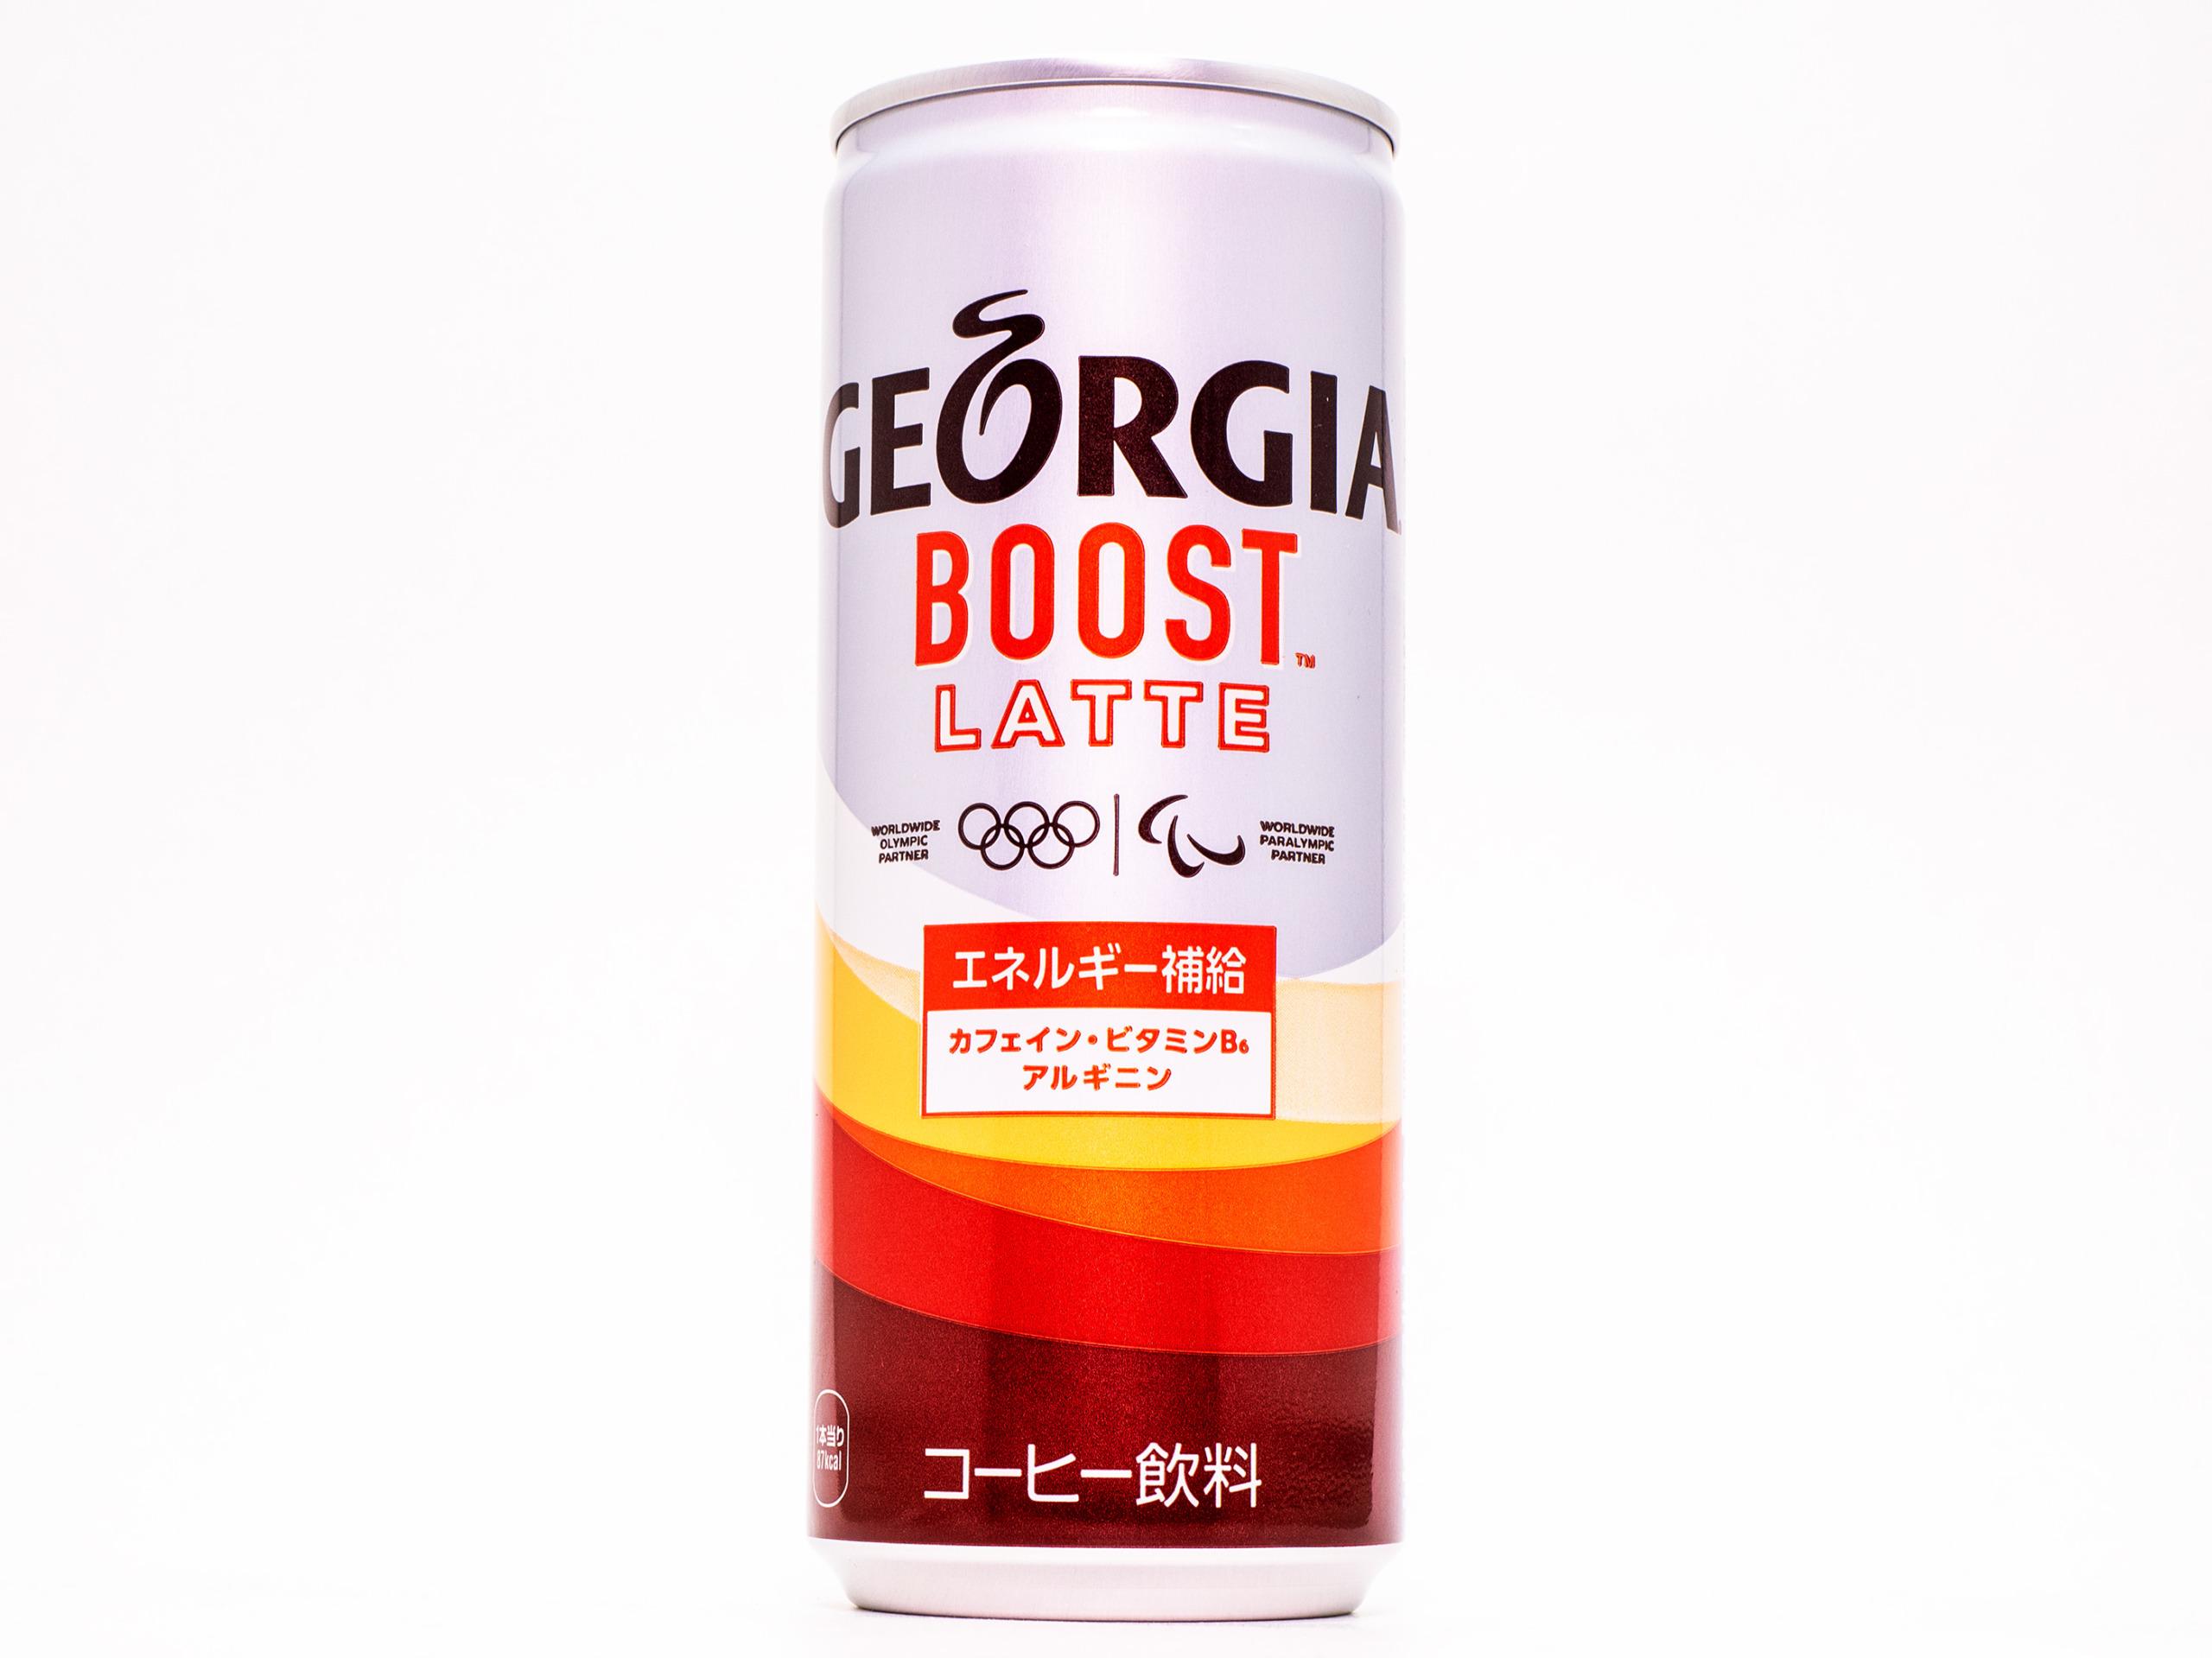 コカ・コーラカスタマーマーケティング GEORGIA ブースト